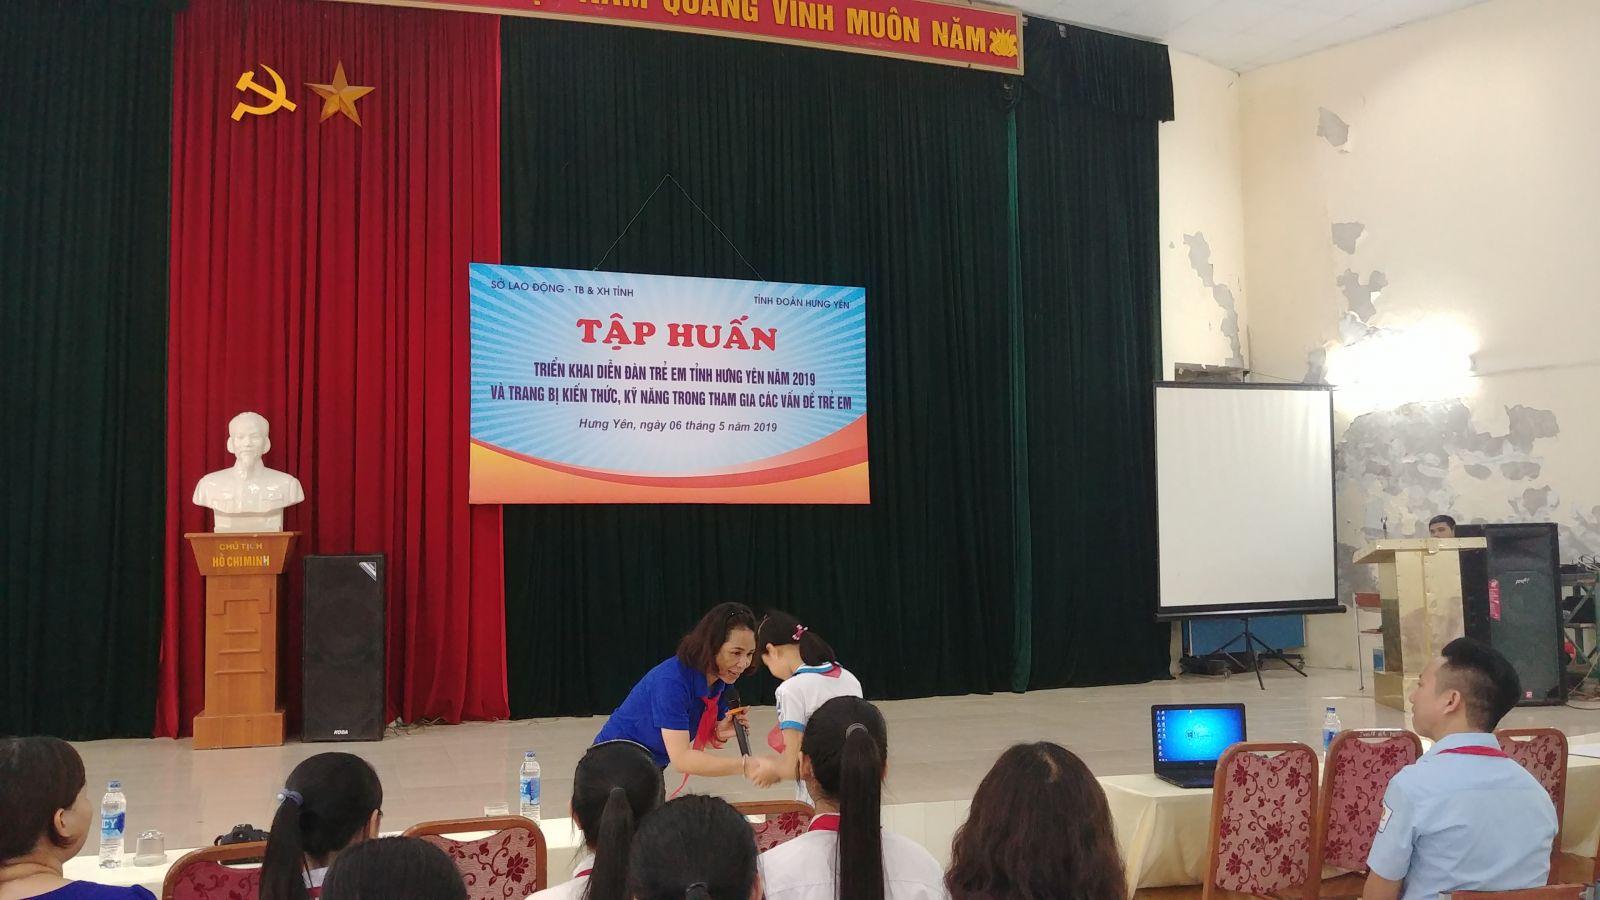 Tỉnh đoàn Hưng Yên tập huấn trang bị kiến thức, kỹ năng thúc đẩy quyền tham gia của trẻ em vào các vấn đề trẻ em